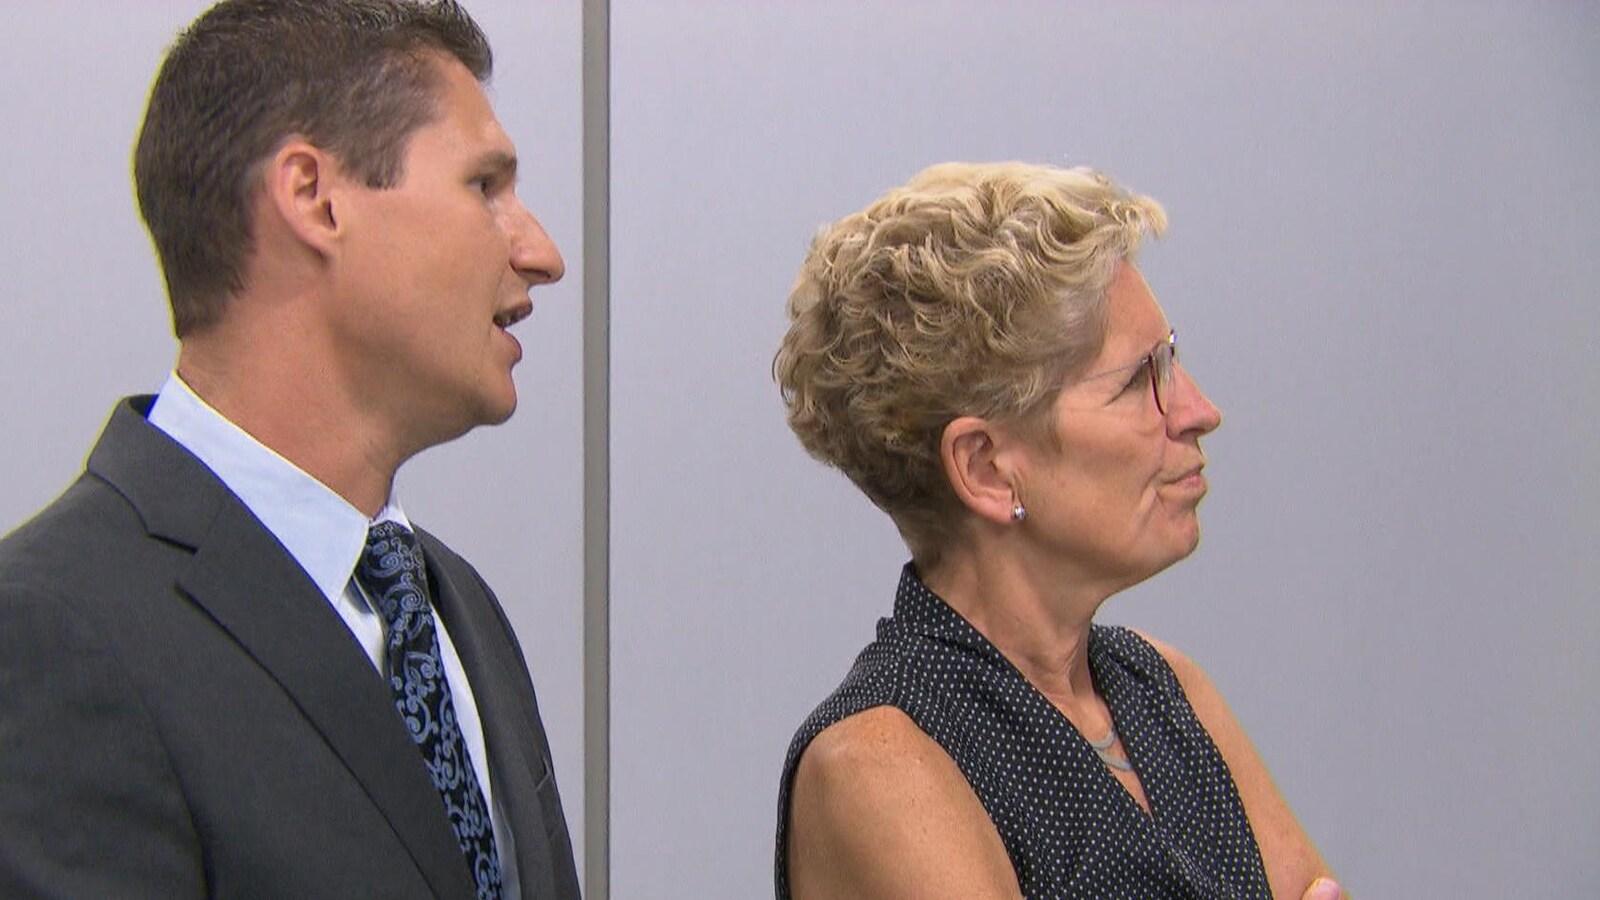 La première ministre de l'Ontario, Kathleen Wynne en visite dans un centre d'innovation pour les véhicules sans conducteur de la firme BlackBerry à Kanata.